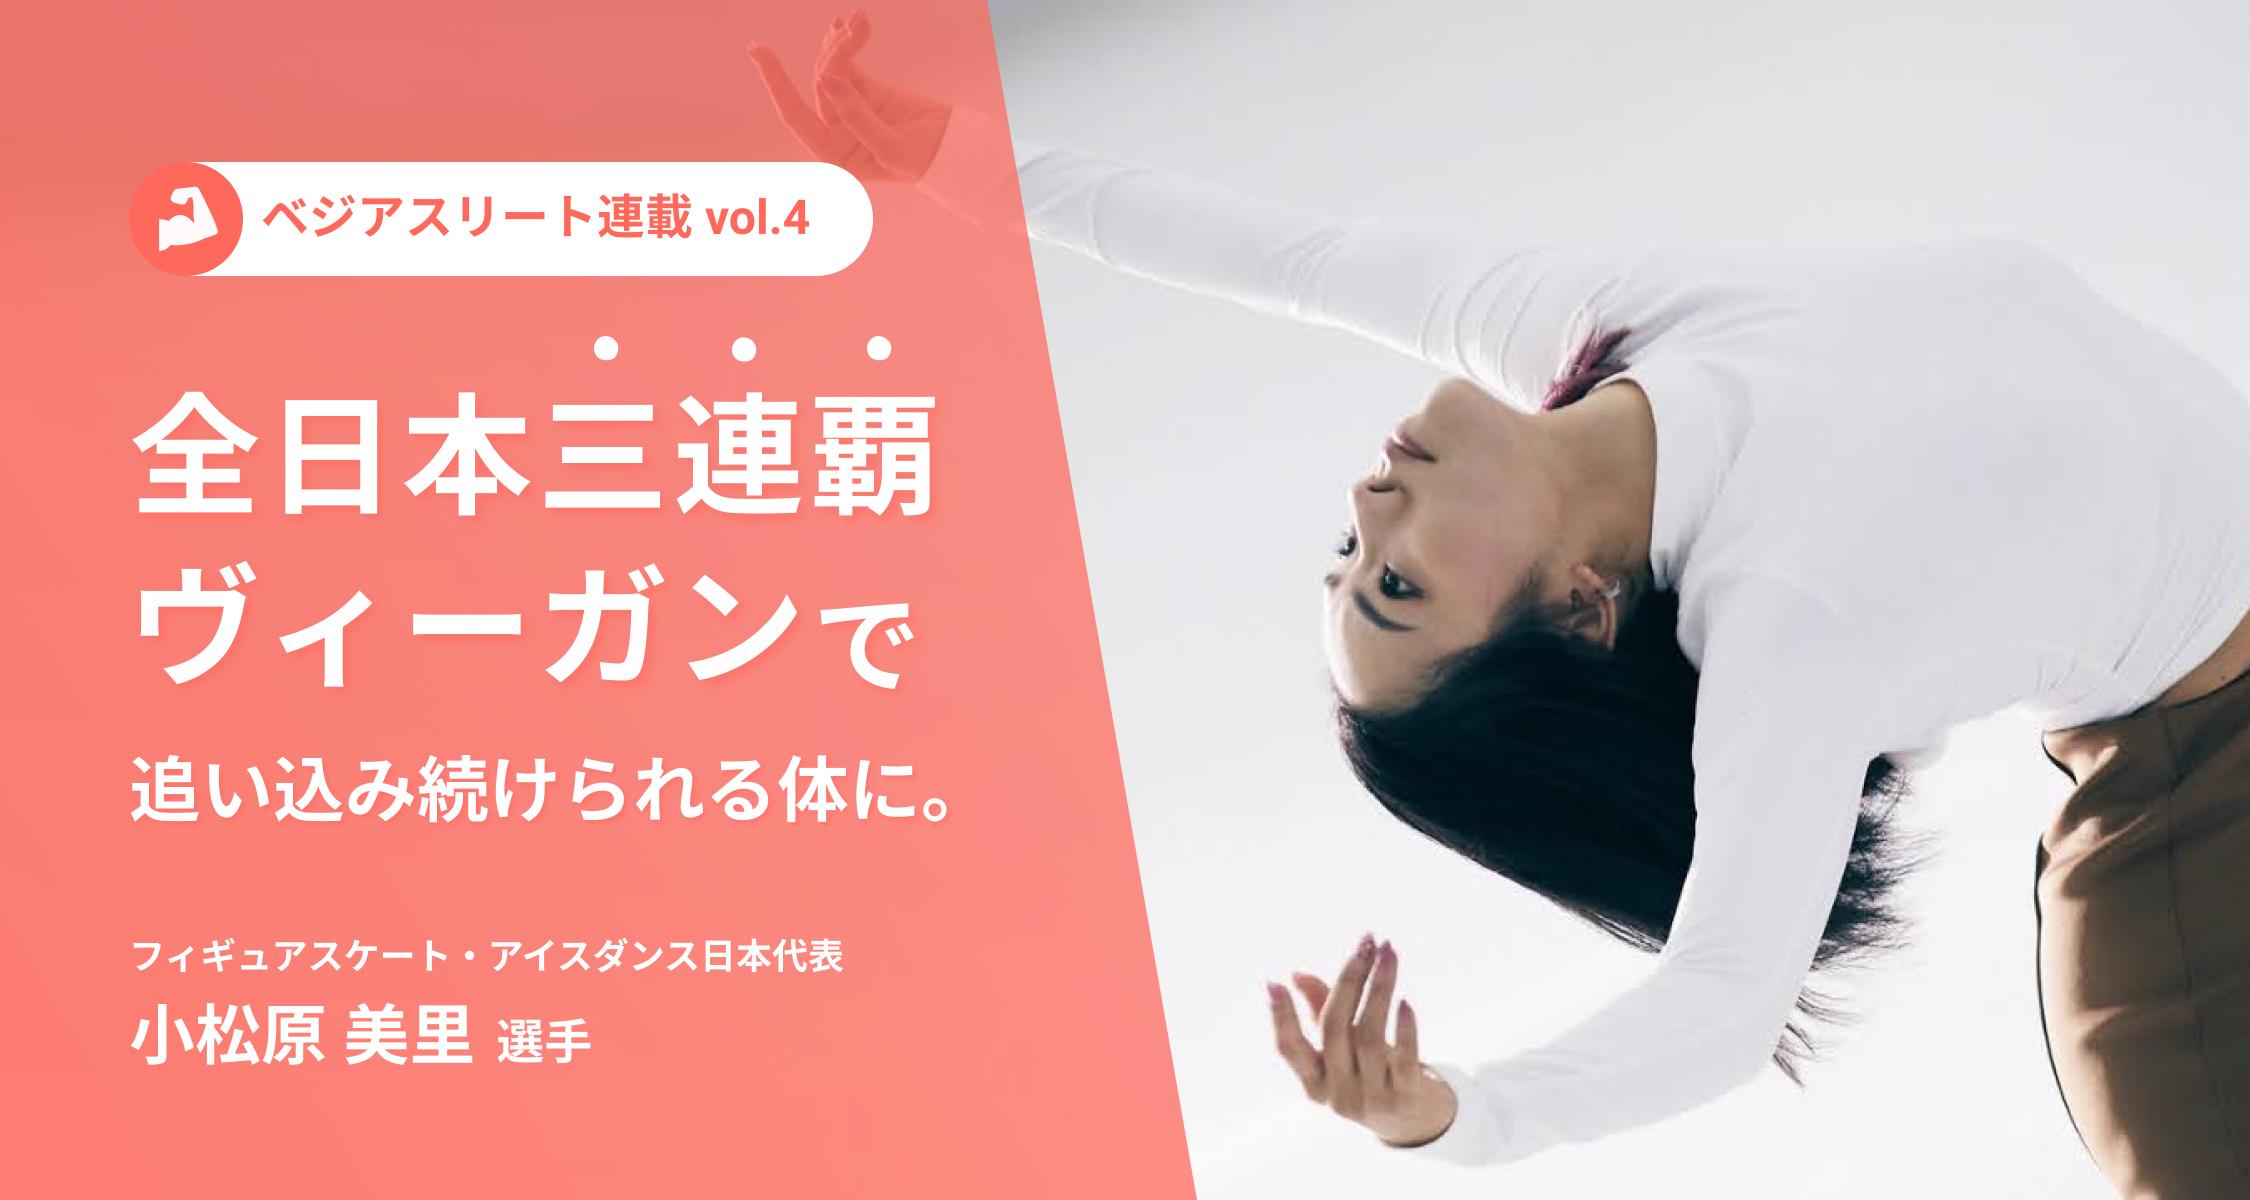 全日本三連覇。ヴィーガンで追い込み続けられる体に。【小松原美里選手】